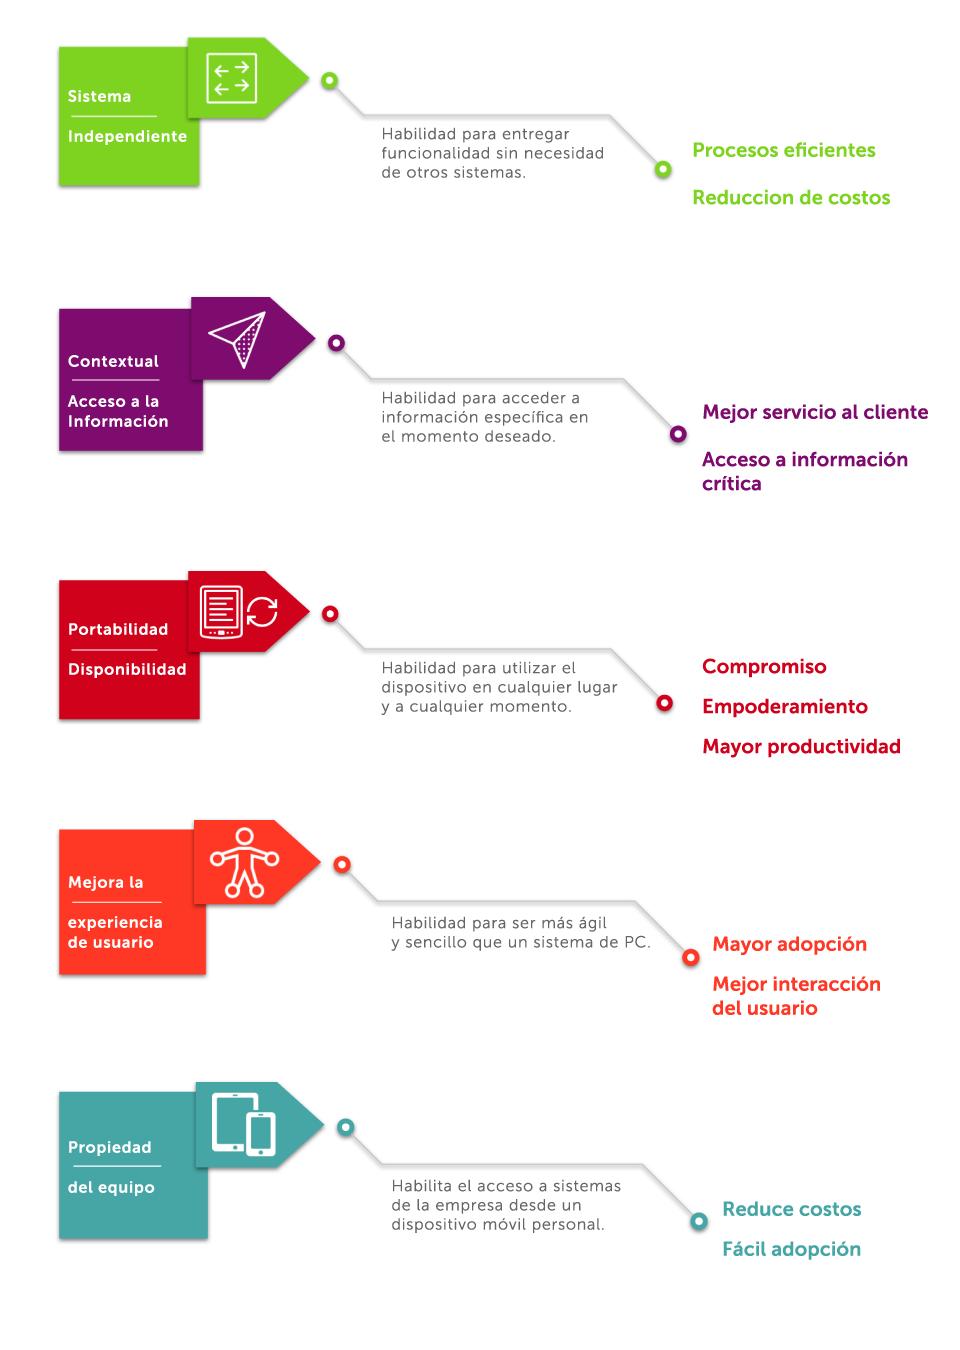 Movilidad-empresarial-tiene-beneficios-y-ventajas-superiores.png